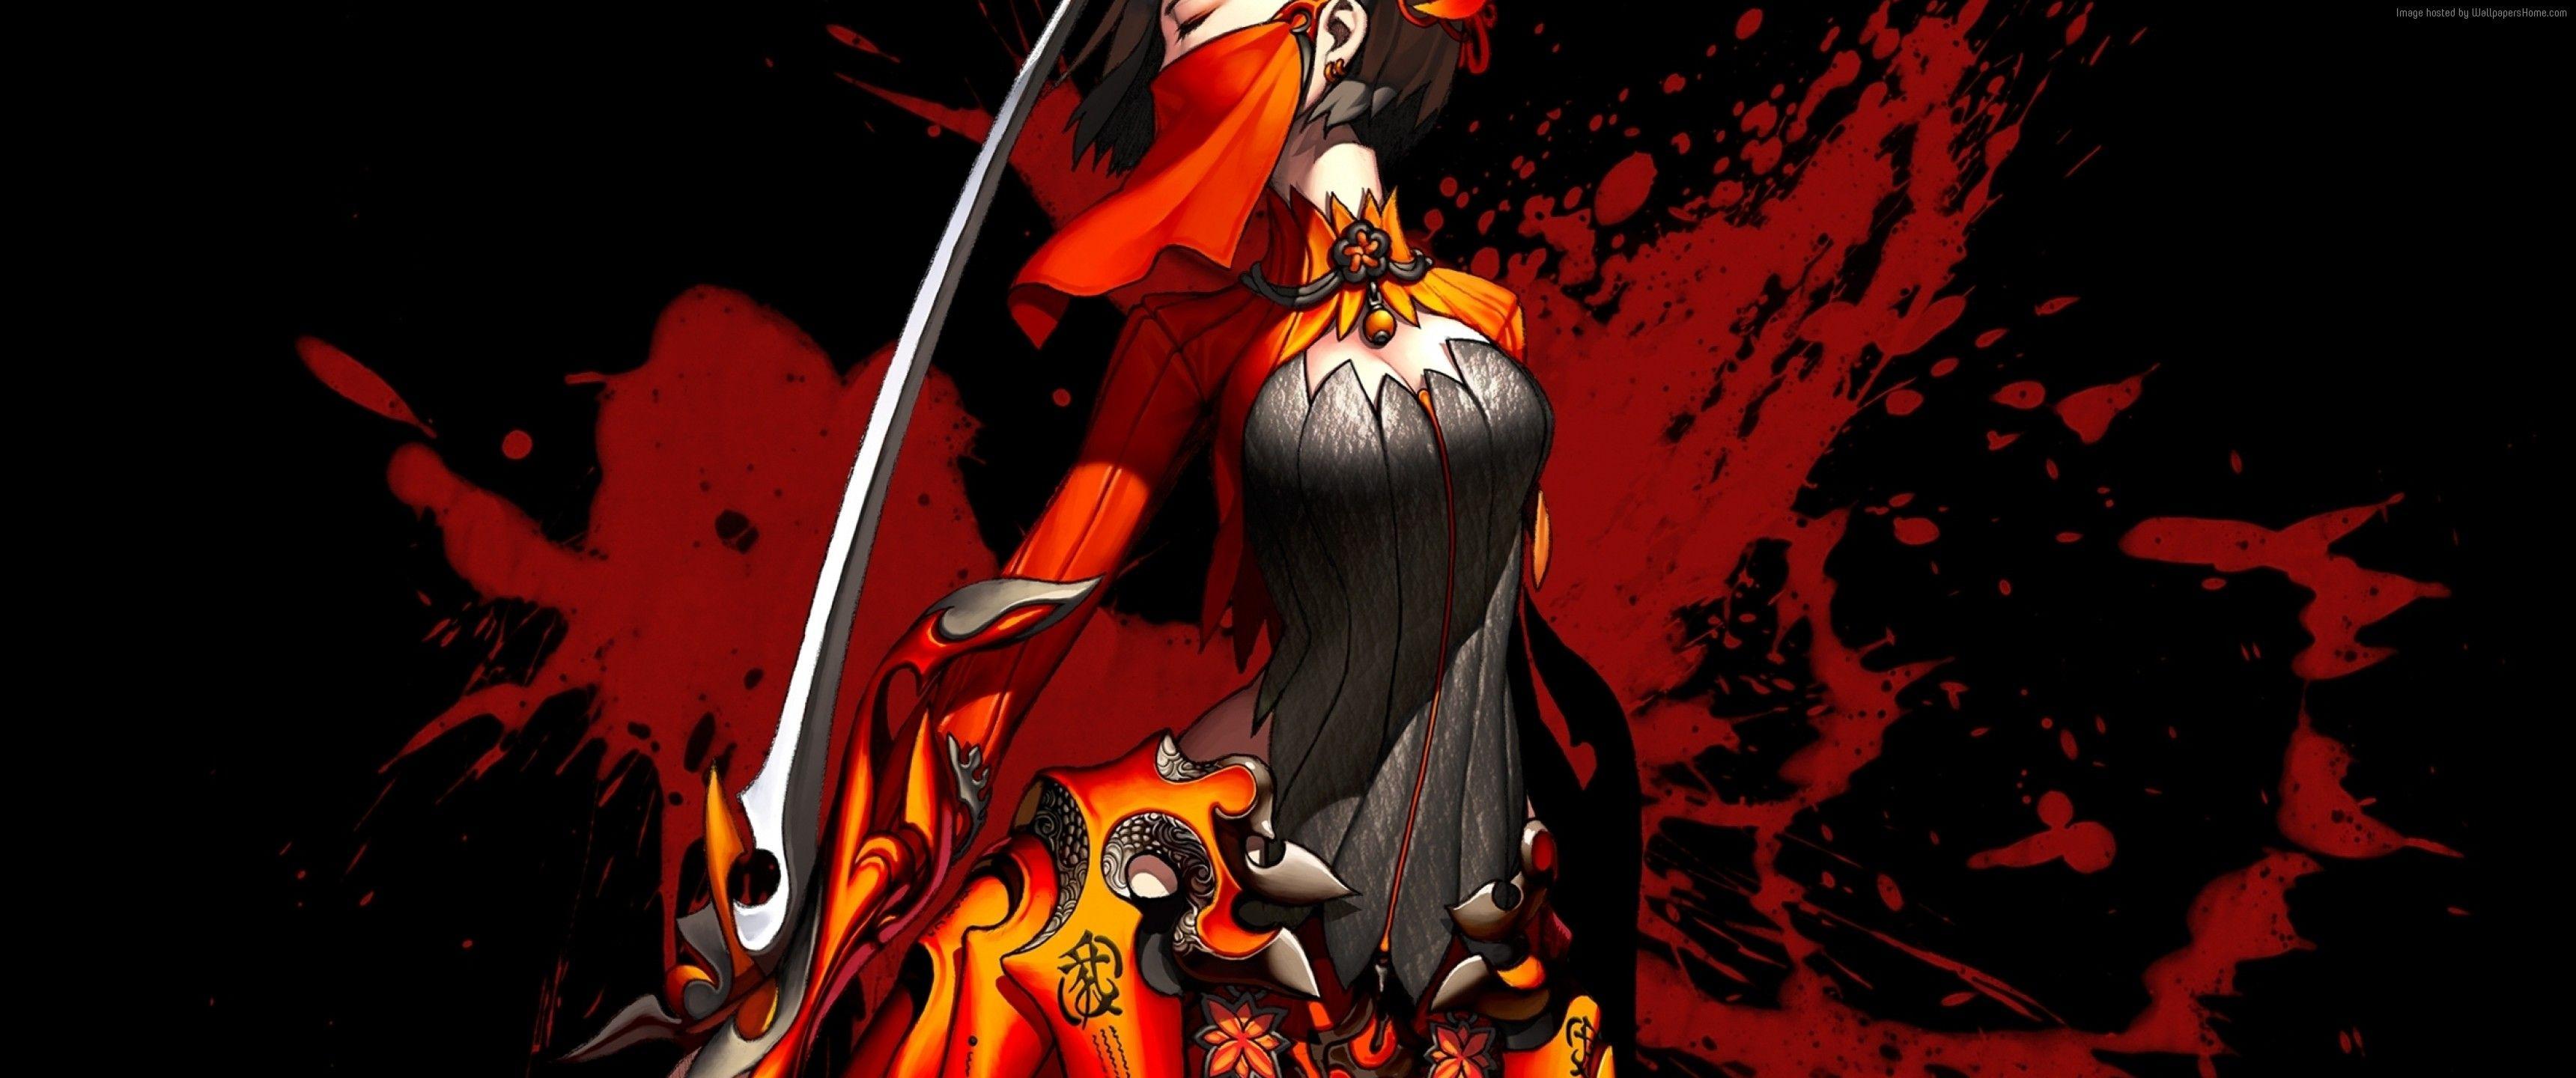 Blade Soul Best Games Mmorpg Fantasy Art Pc 4k Fantasy Art